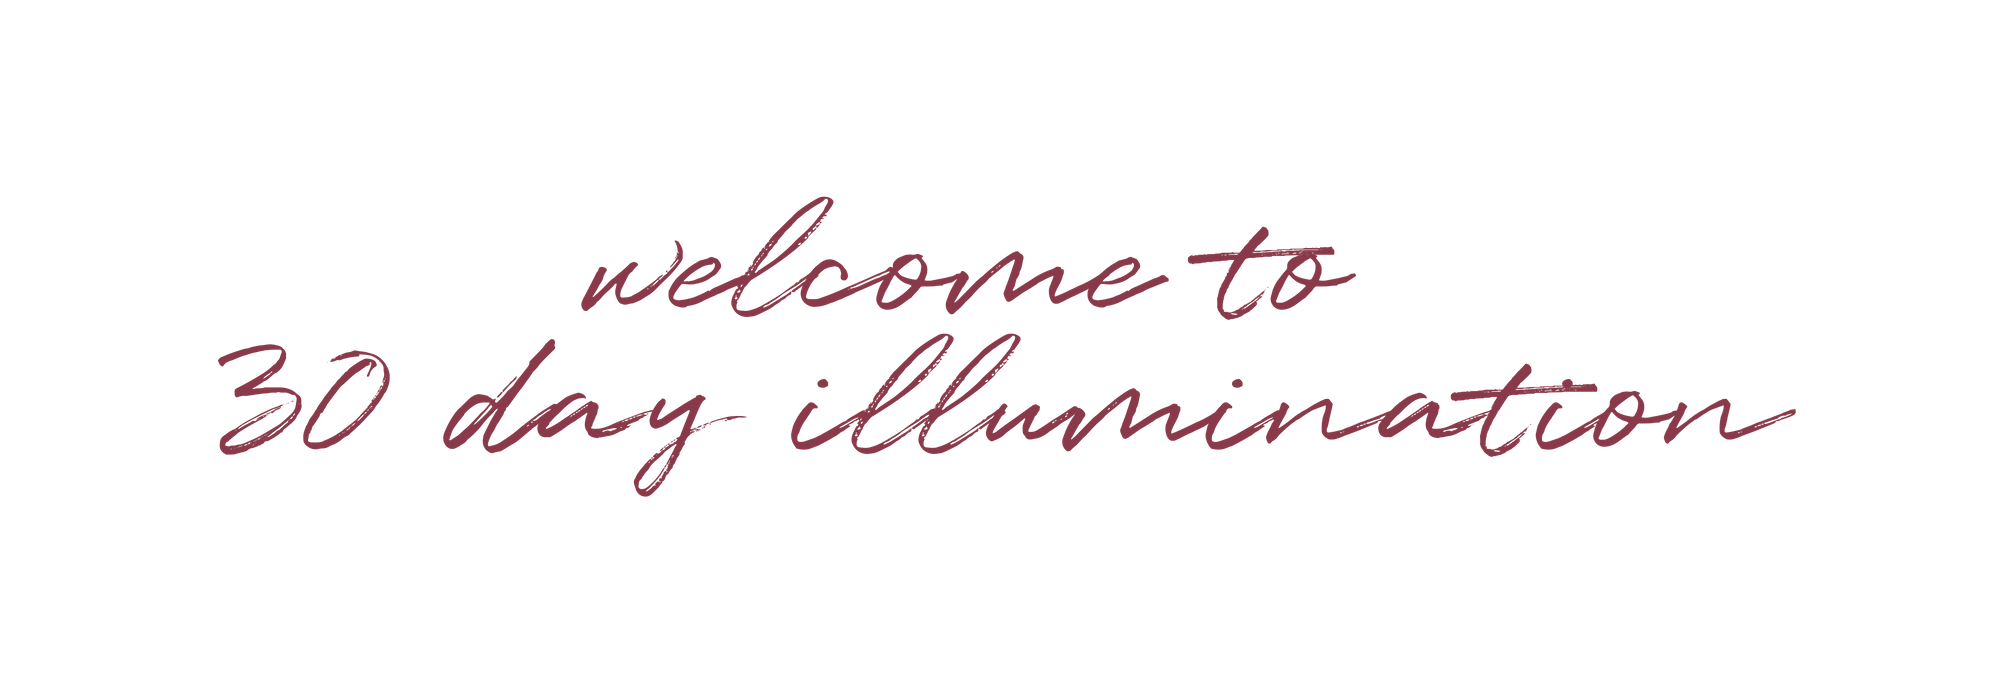 30 Day Illumination Challenge